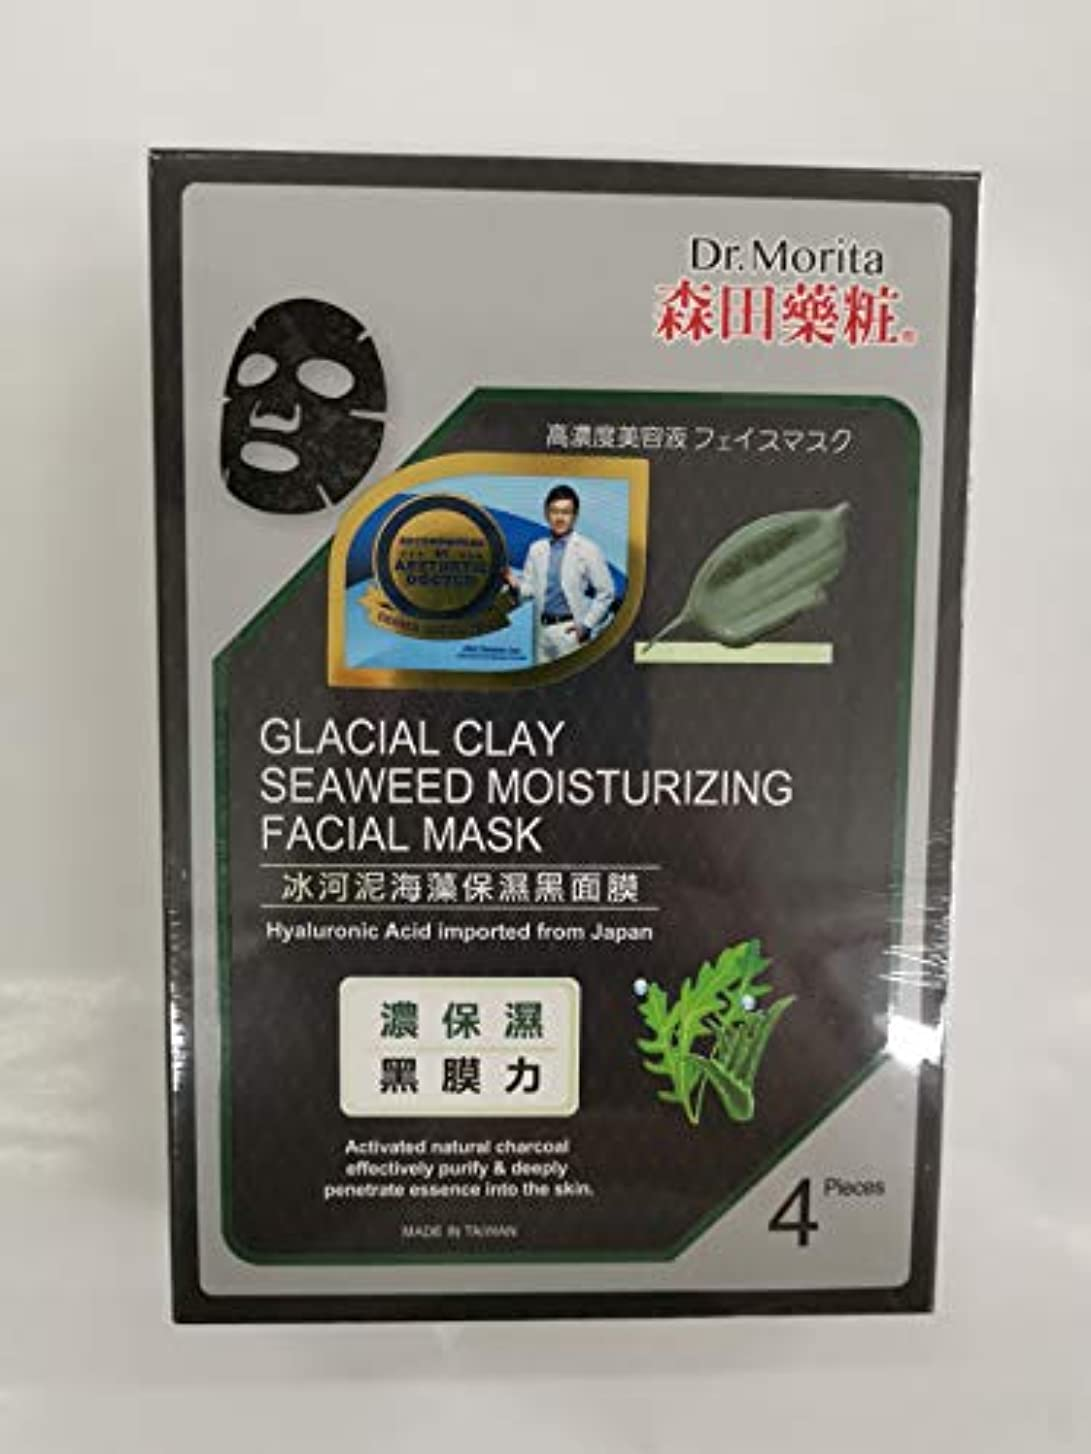 静かな才能予想外Doctor Morita 氷のような粘土の海藻保湿フェイシャルマスク4 - 肌に深く入り、効果的に浄化し、肌に潤いを与え、弾力を保ちます